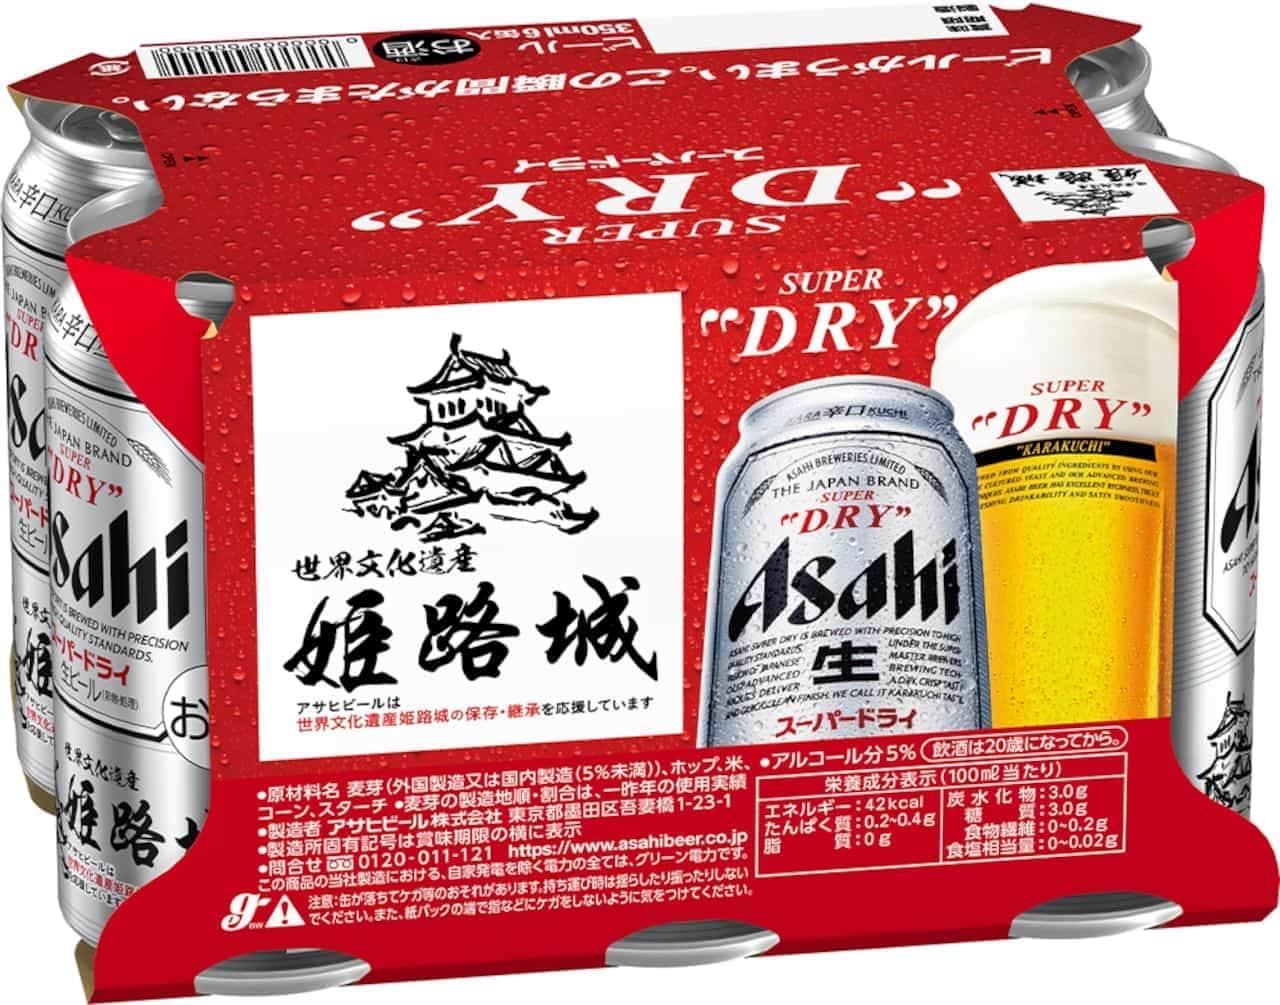 アサヒビール「アサヒスーパードライ 姫路城デザイン缶」